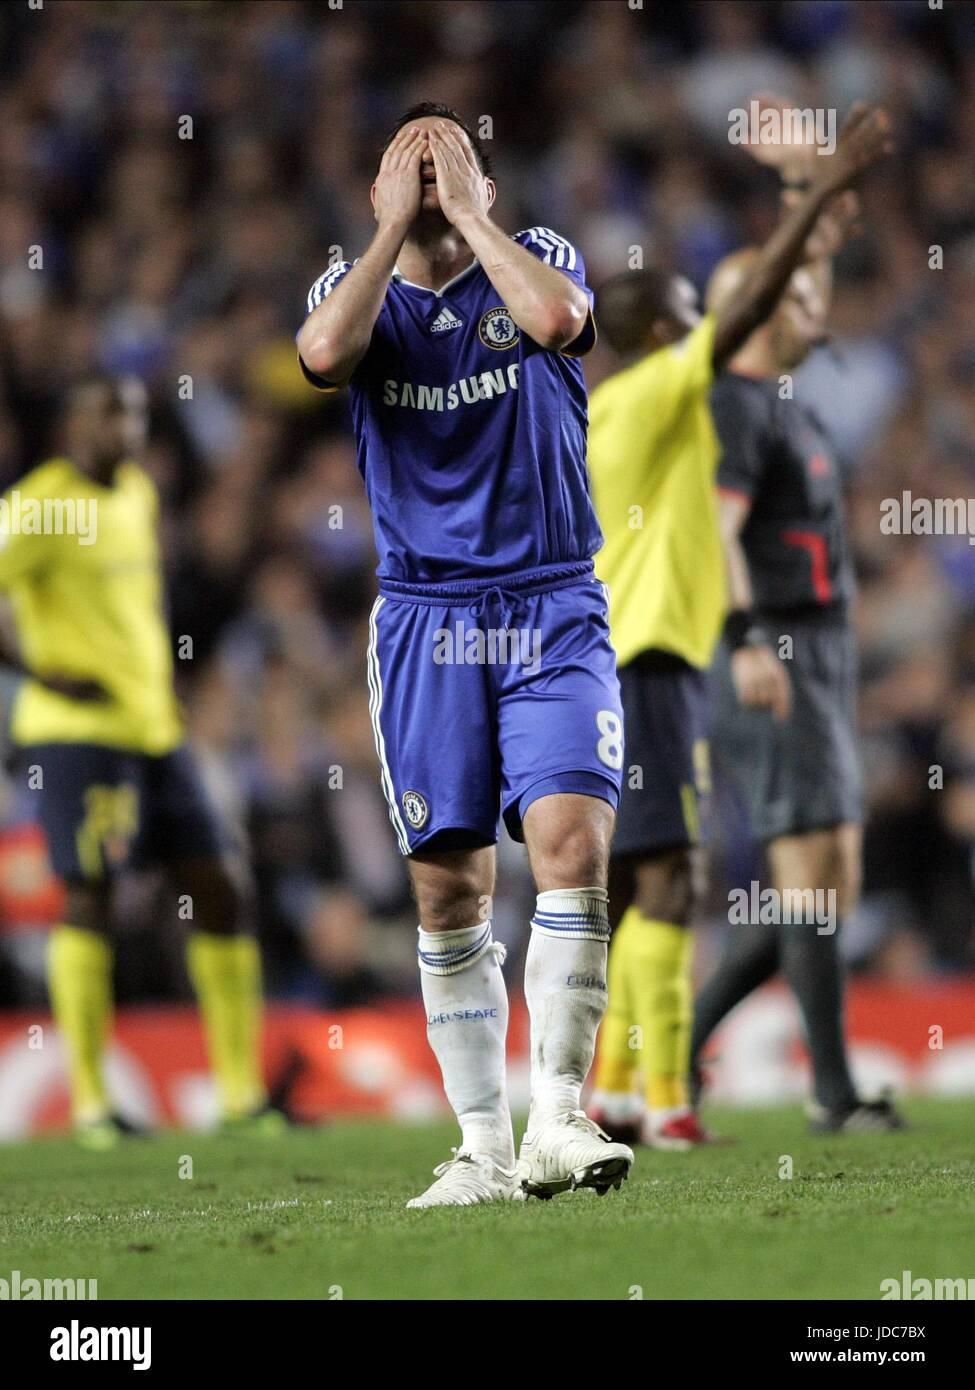 FRANK LAMPARD ABATIMIENTO Stamford Bridge Chelsea FC de Londres, Inglaterra el 06 de mayo de 2009 Imagen De Stock